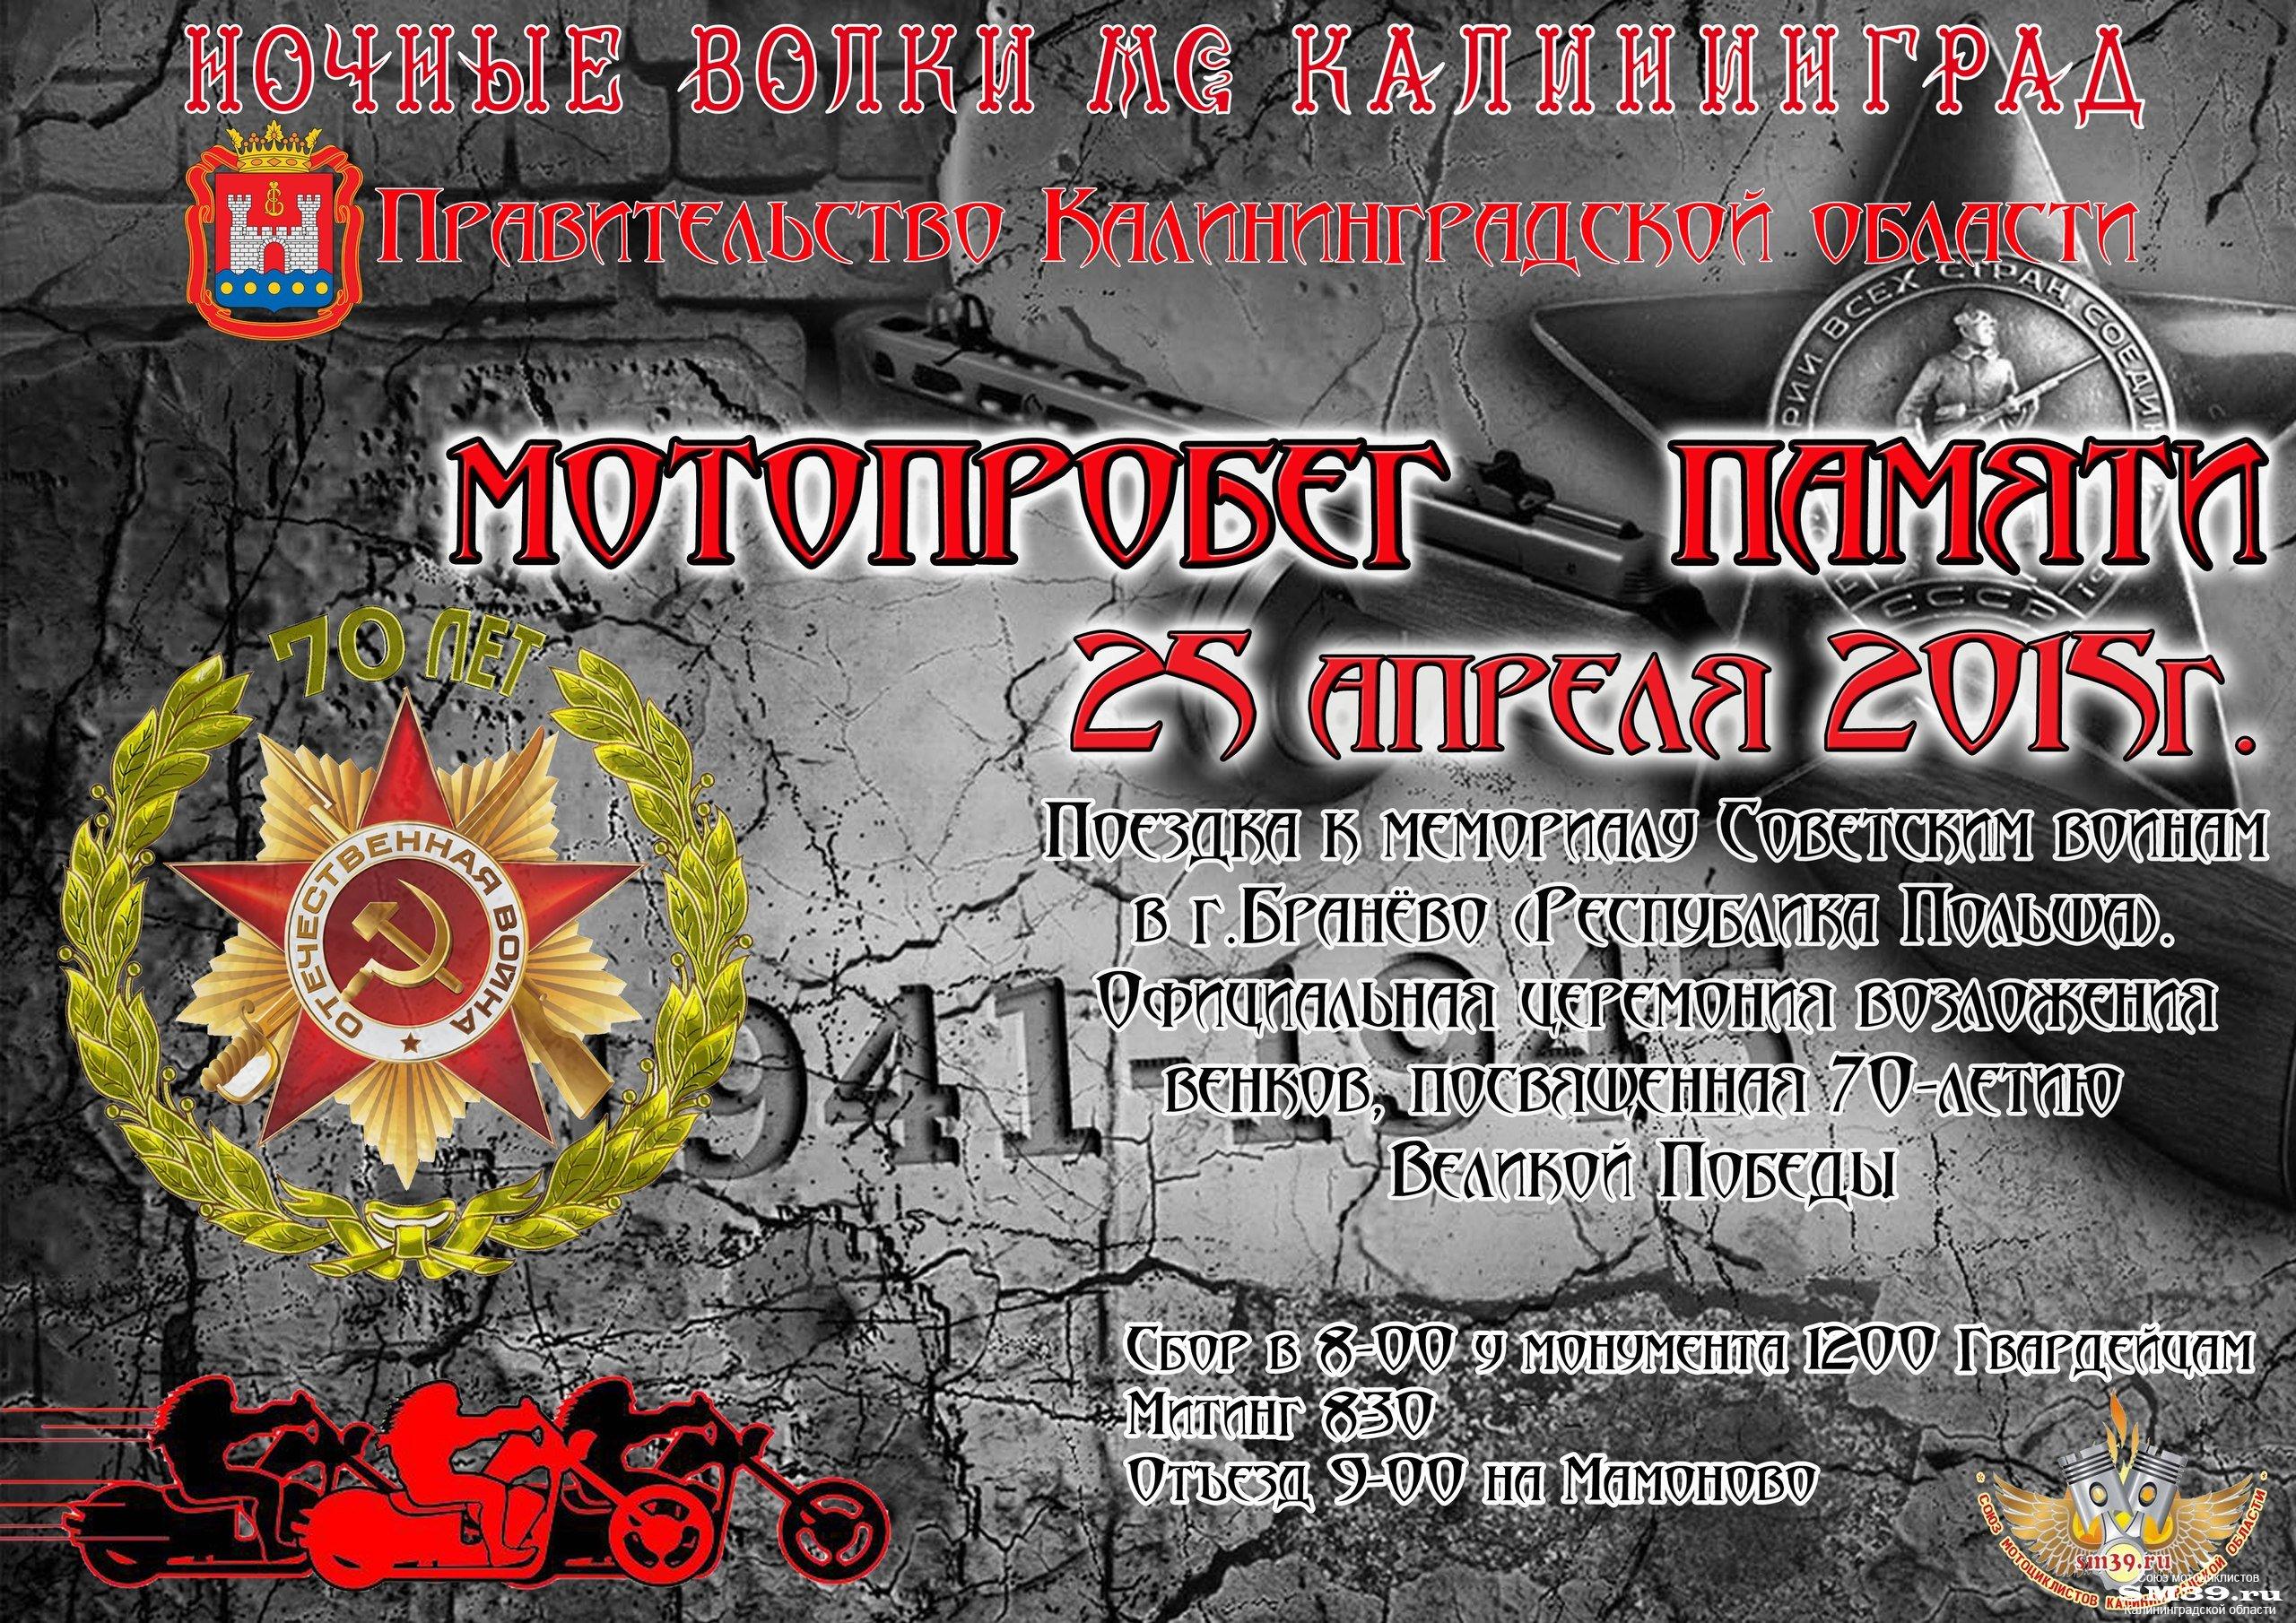 План проведения церемонии возложения в г. Бранево  25 апреля 2015 г.